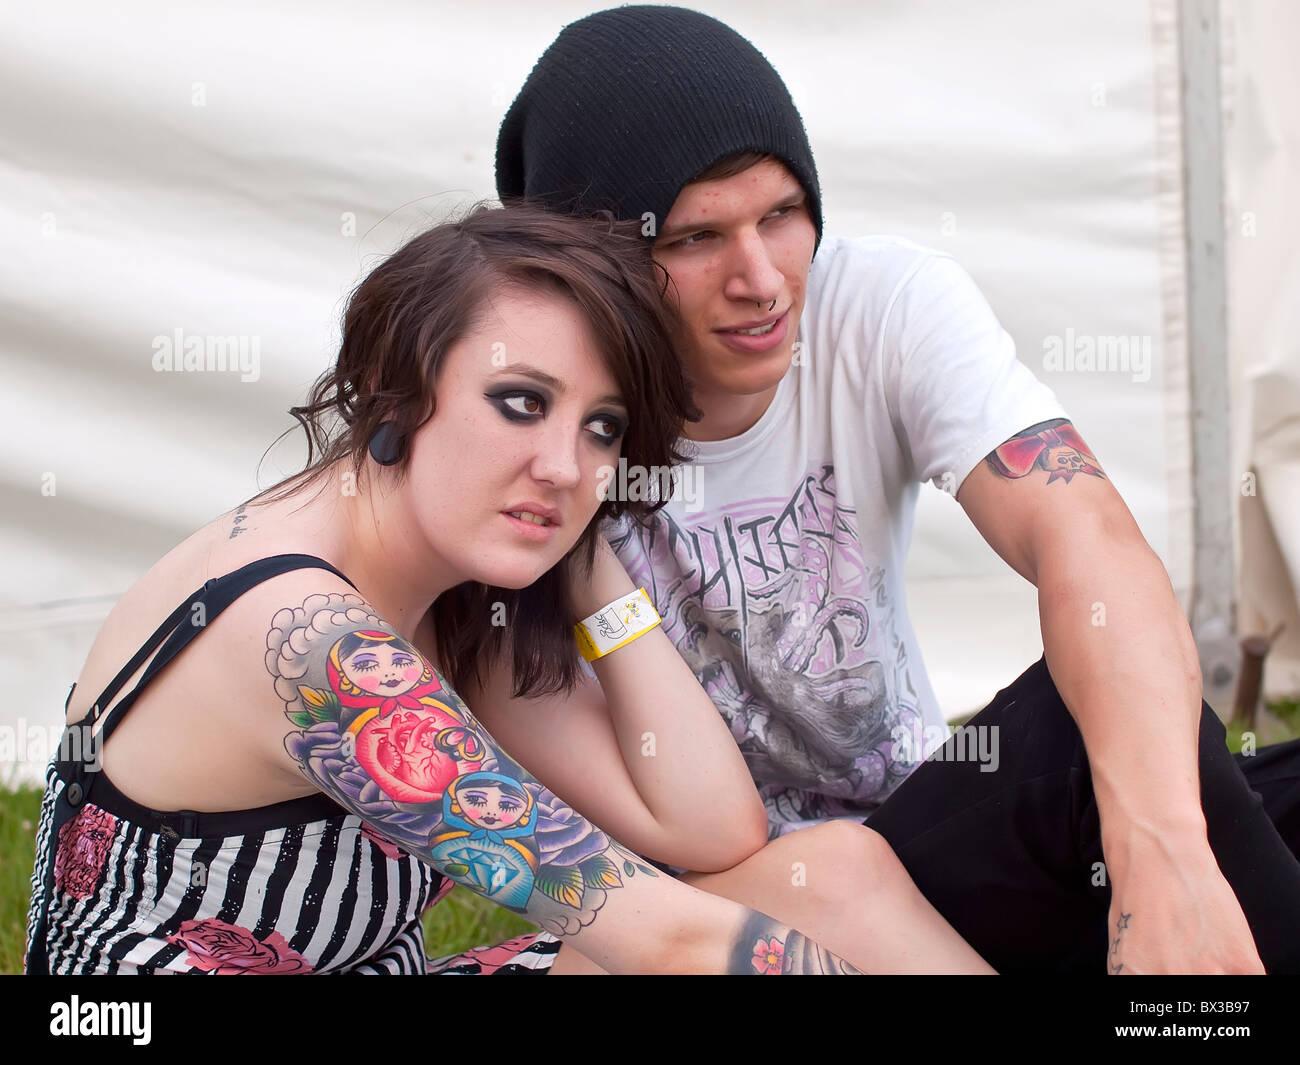 Lucy trendige junge weibliche Erwachsene neunzehnjährige mit Tattoos mit Freund Blair (echte Menschen) am Youth Stockbild